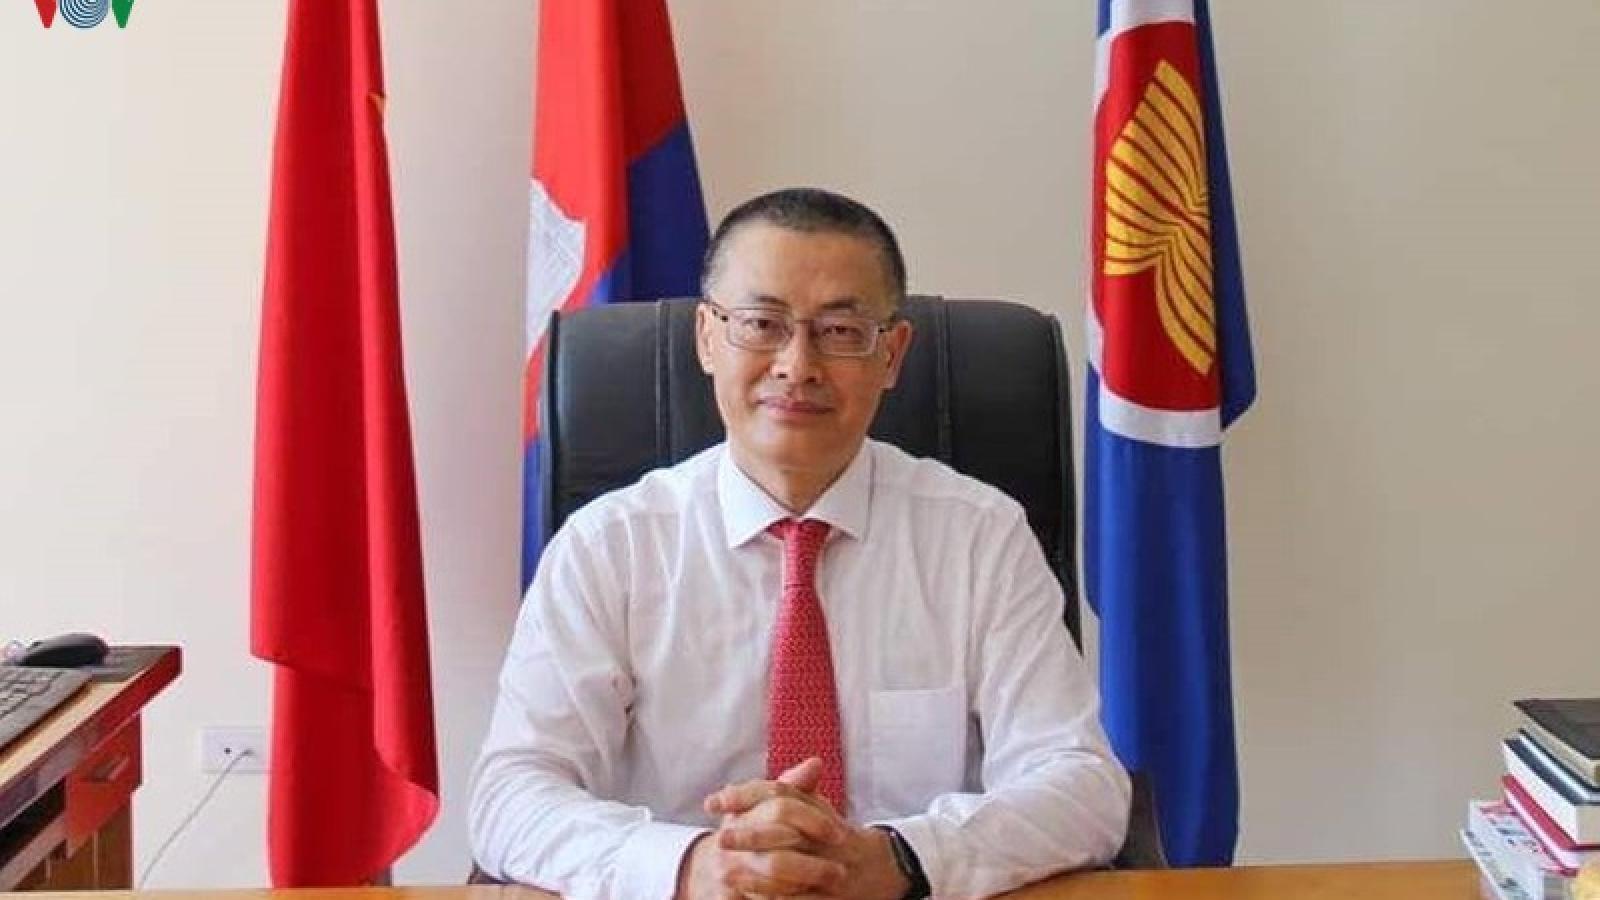 Campuchia, Việt Nam cùng xác minh bệnh nhân số 315 mắc Covid-19